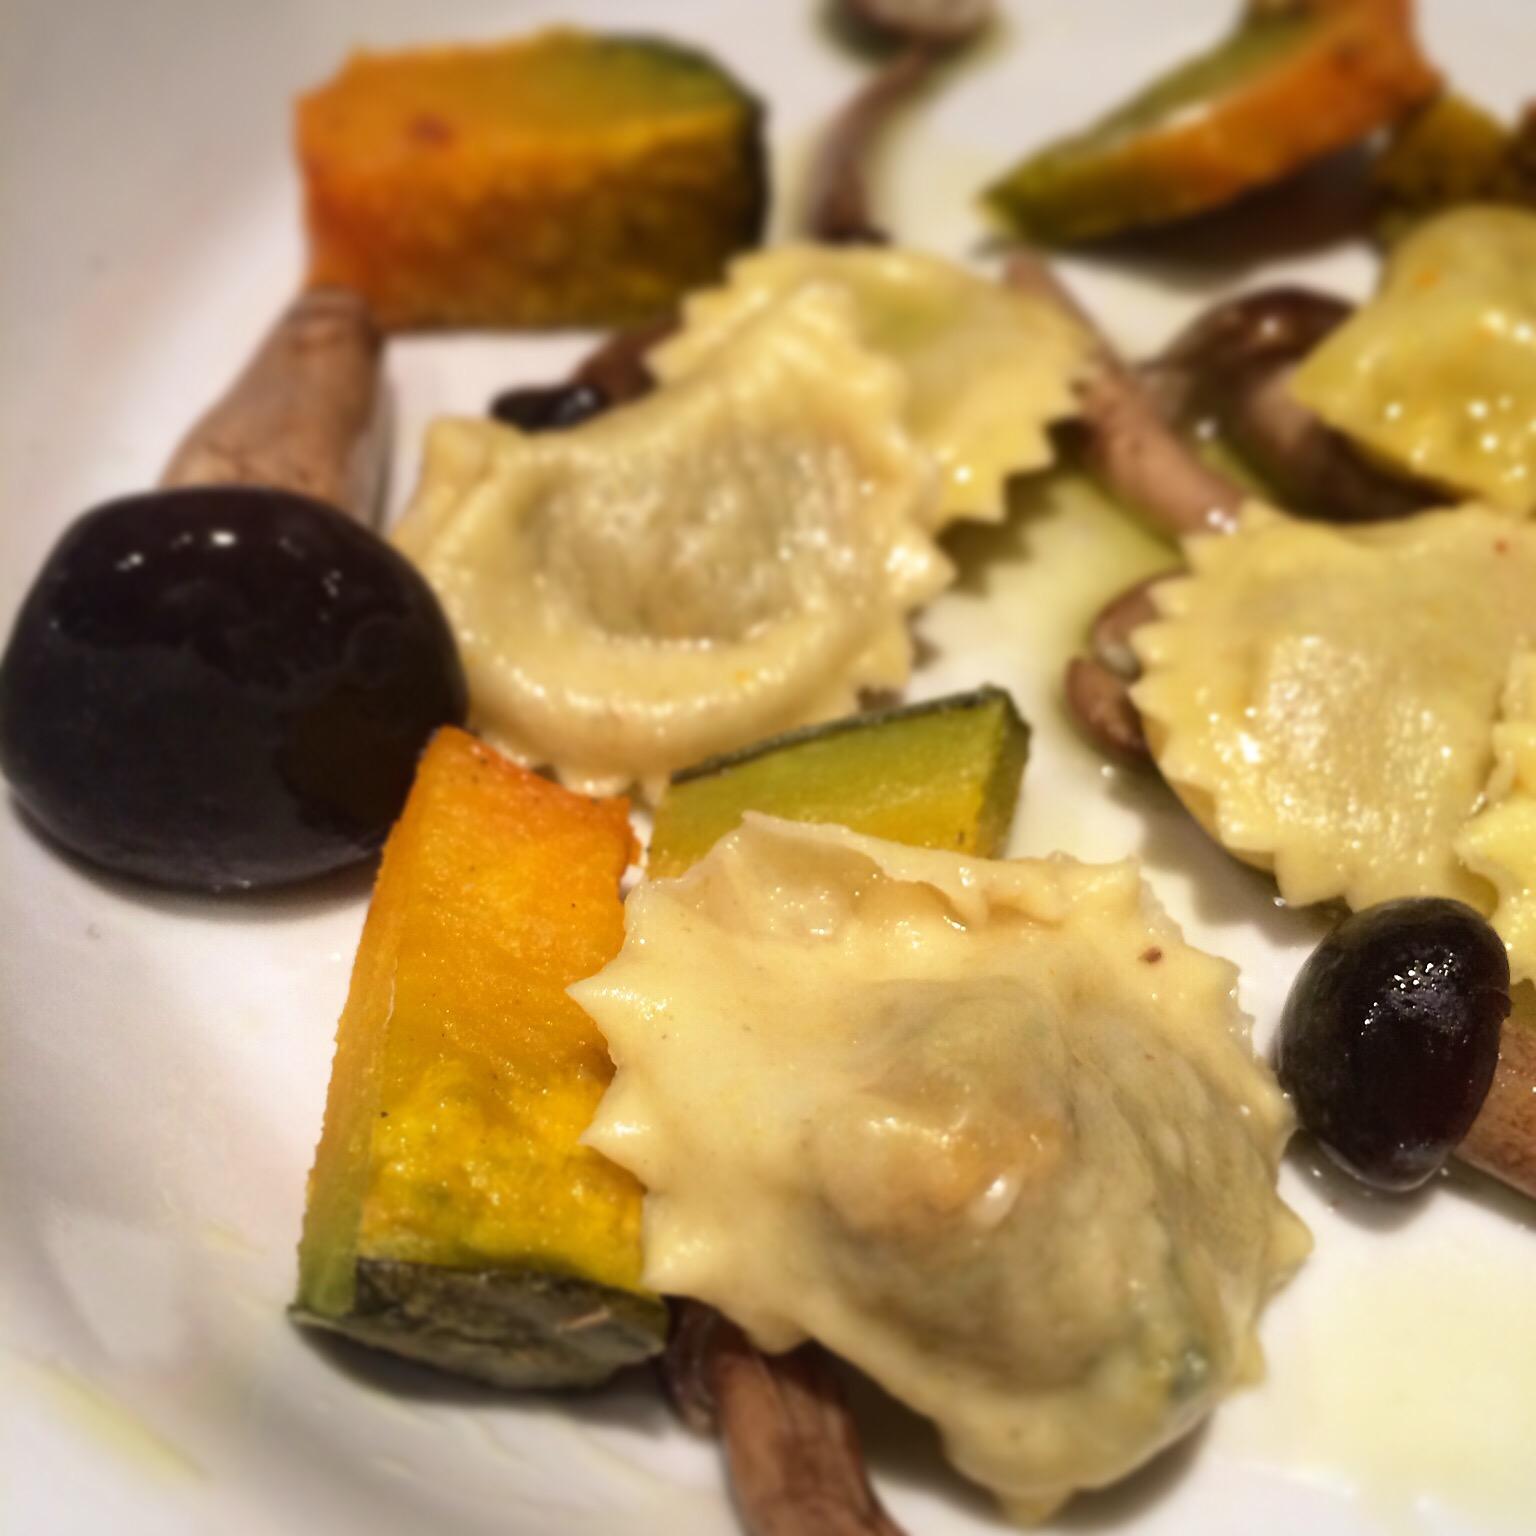 Anolini vegani chiamateli tortelli o come vi piace di pi - Corsi cucina piacenza ...